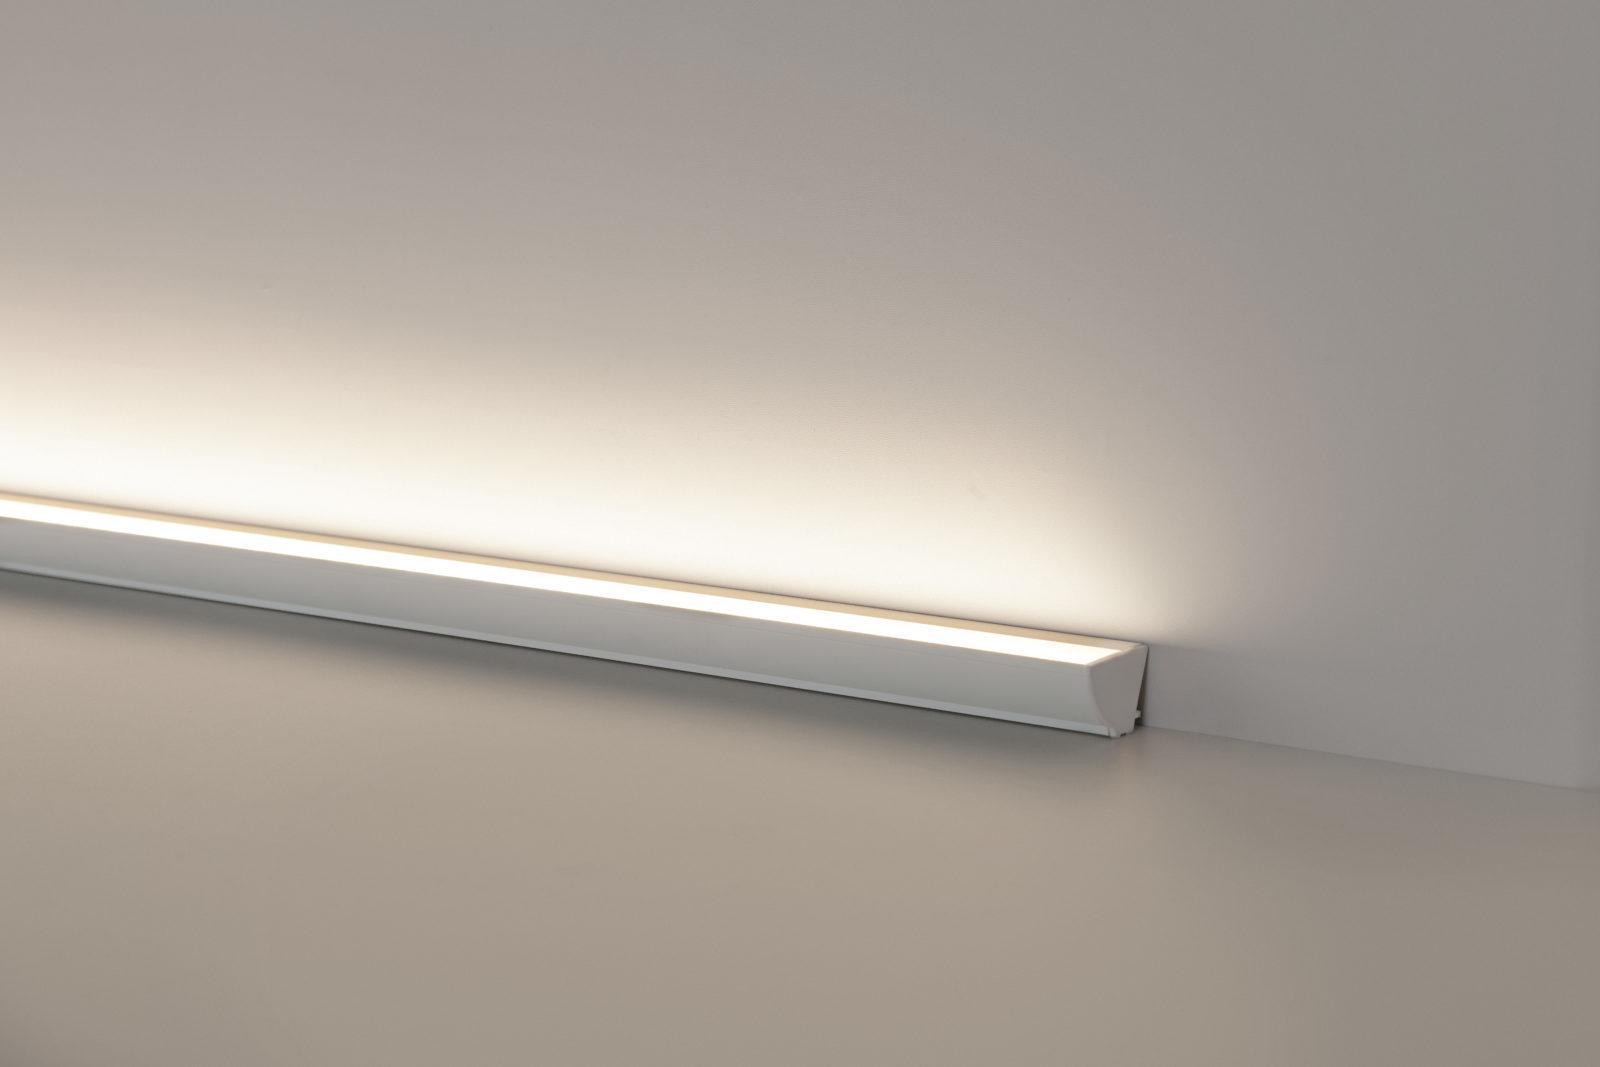 Luminária Linea Assimétrica